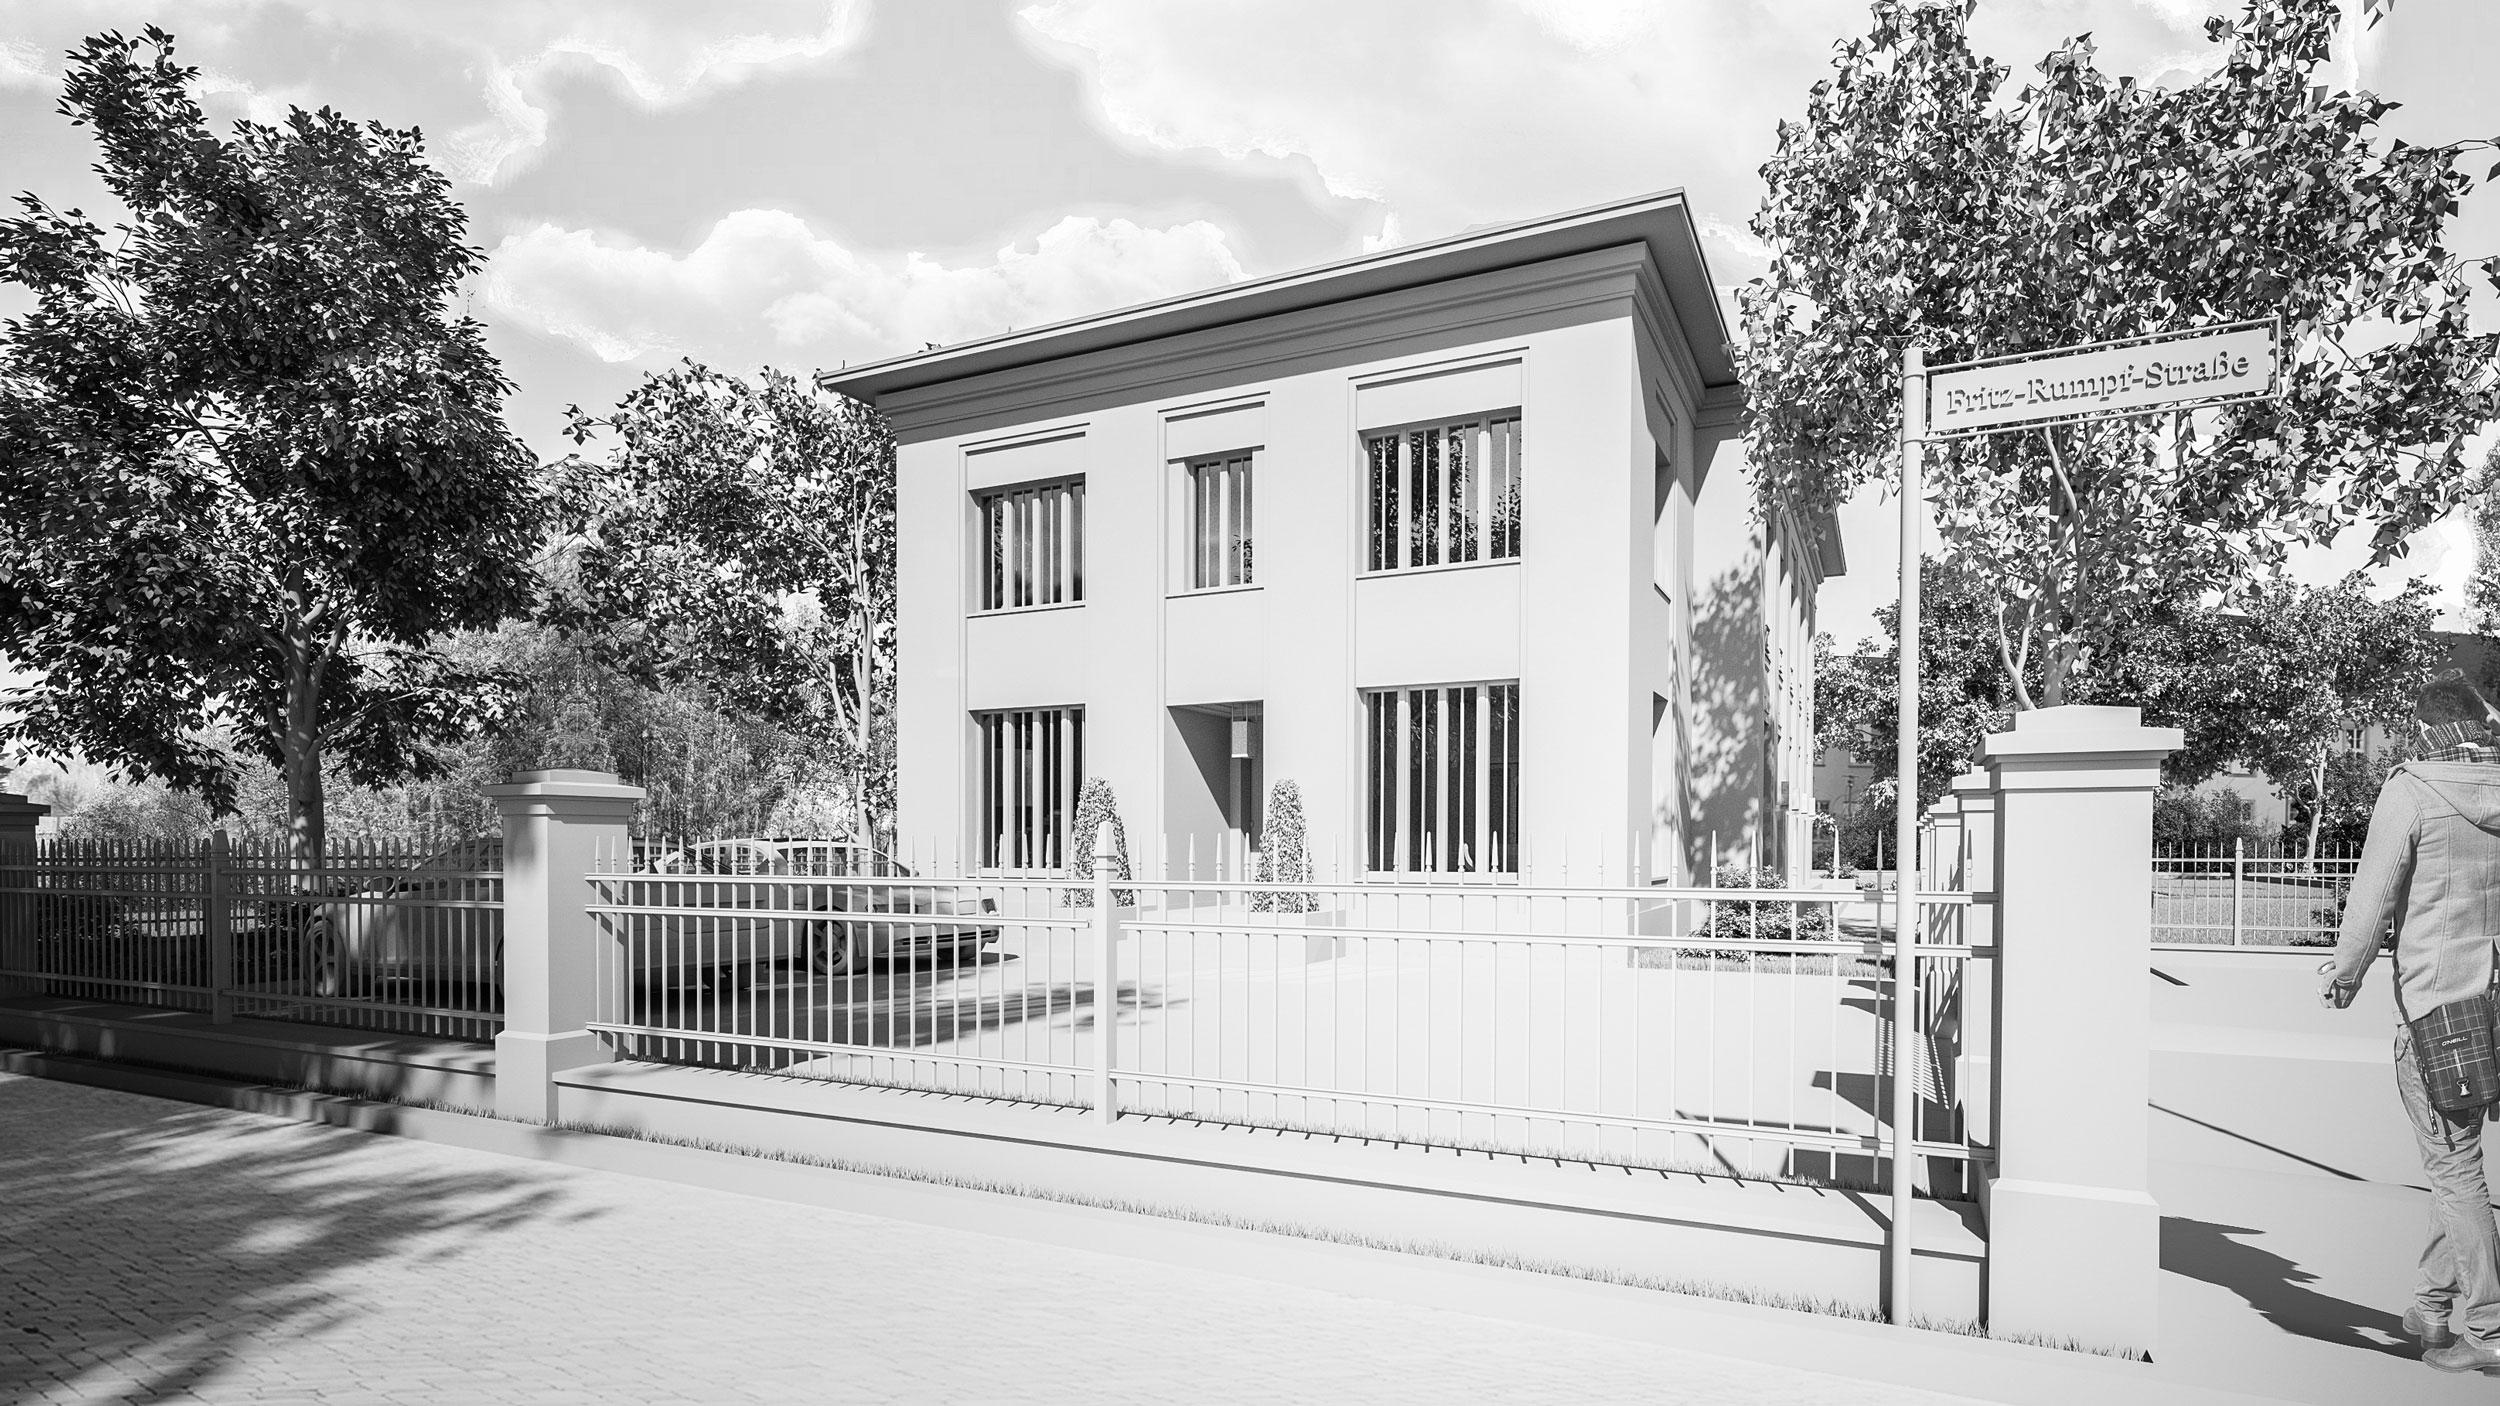 Neubau einer Landhausvilla in der Berliner Vorstadt in Potsdam - Eingangsportal, große Atelierfenster und ein weit auskragendes Attikagesims geben der Straßenfassade seinen Charakter.